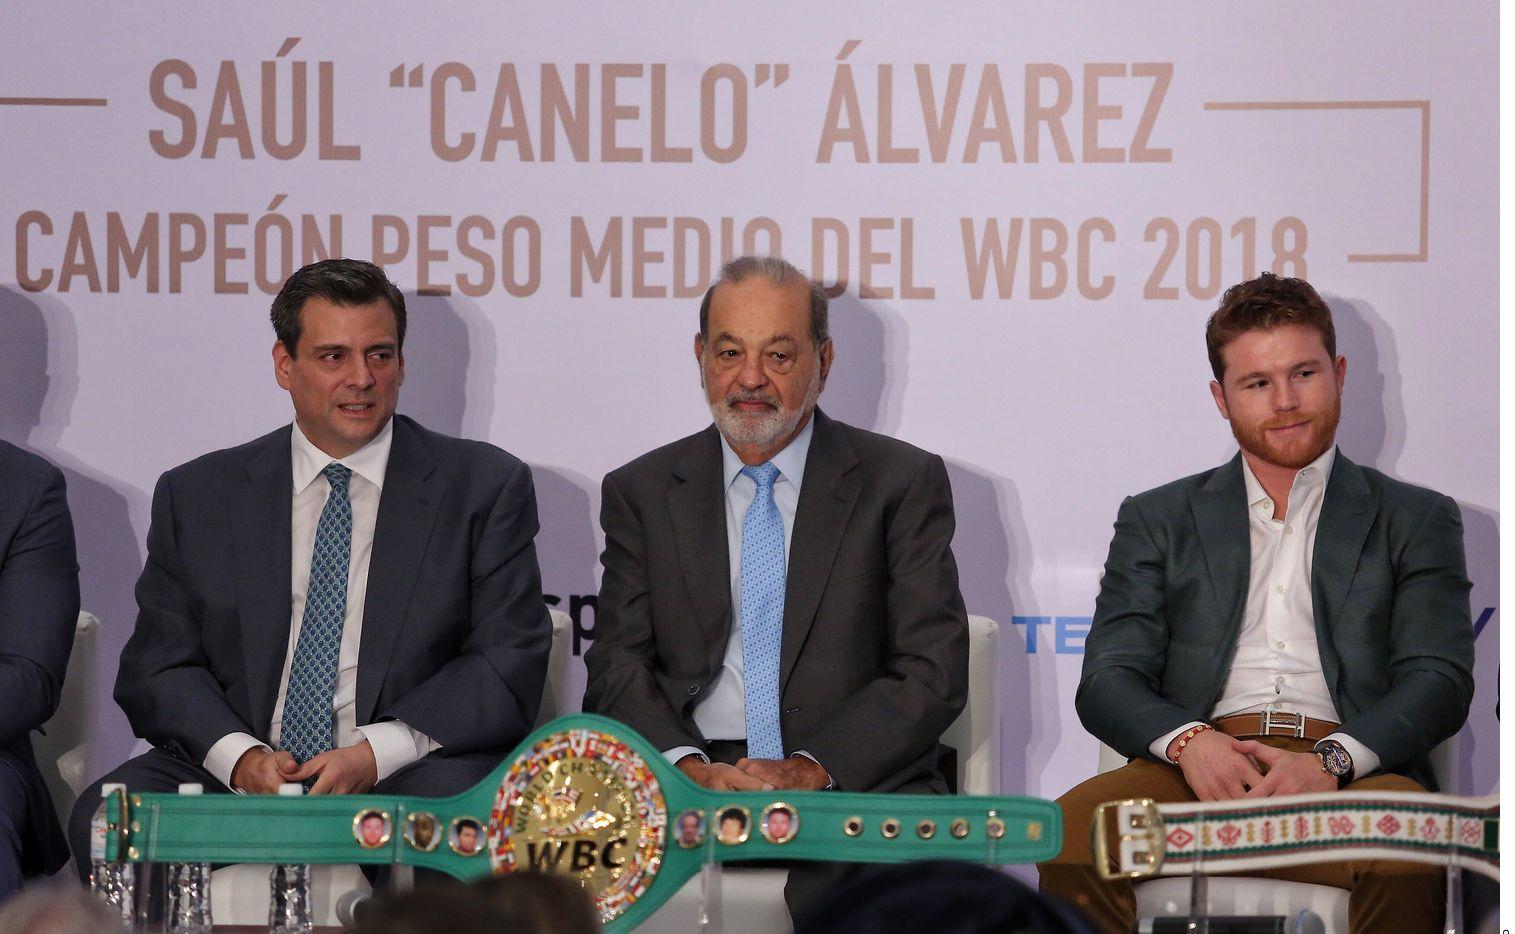 Luego de que Sergey Kovalev dijera que sabía que no estaba en condiciones y que sólo aceptó la pelea con Saúl Álvarez (der.) por dinero, el presidente del Consejo Mundial de Boxeo, lo llamó cobarde que sólo busca excusa para su derrota.